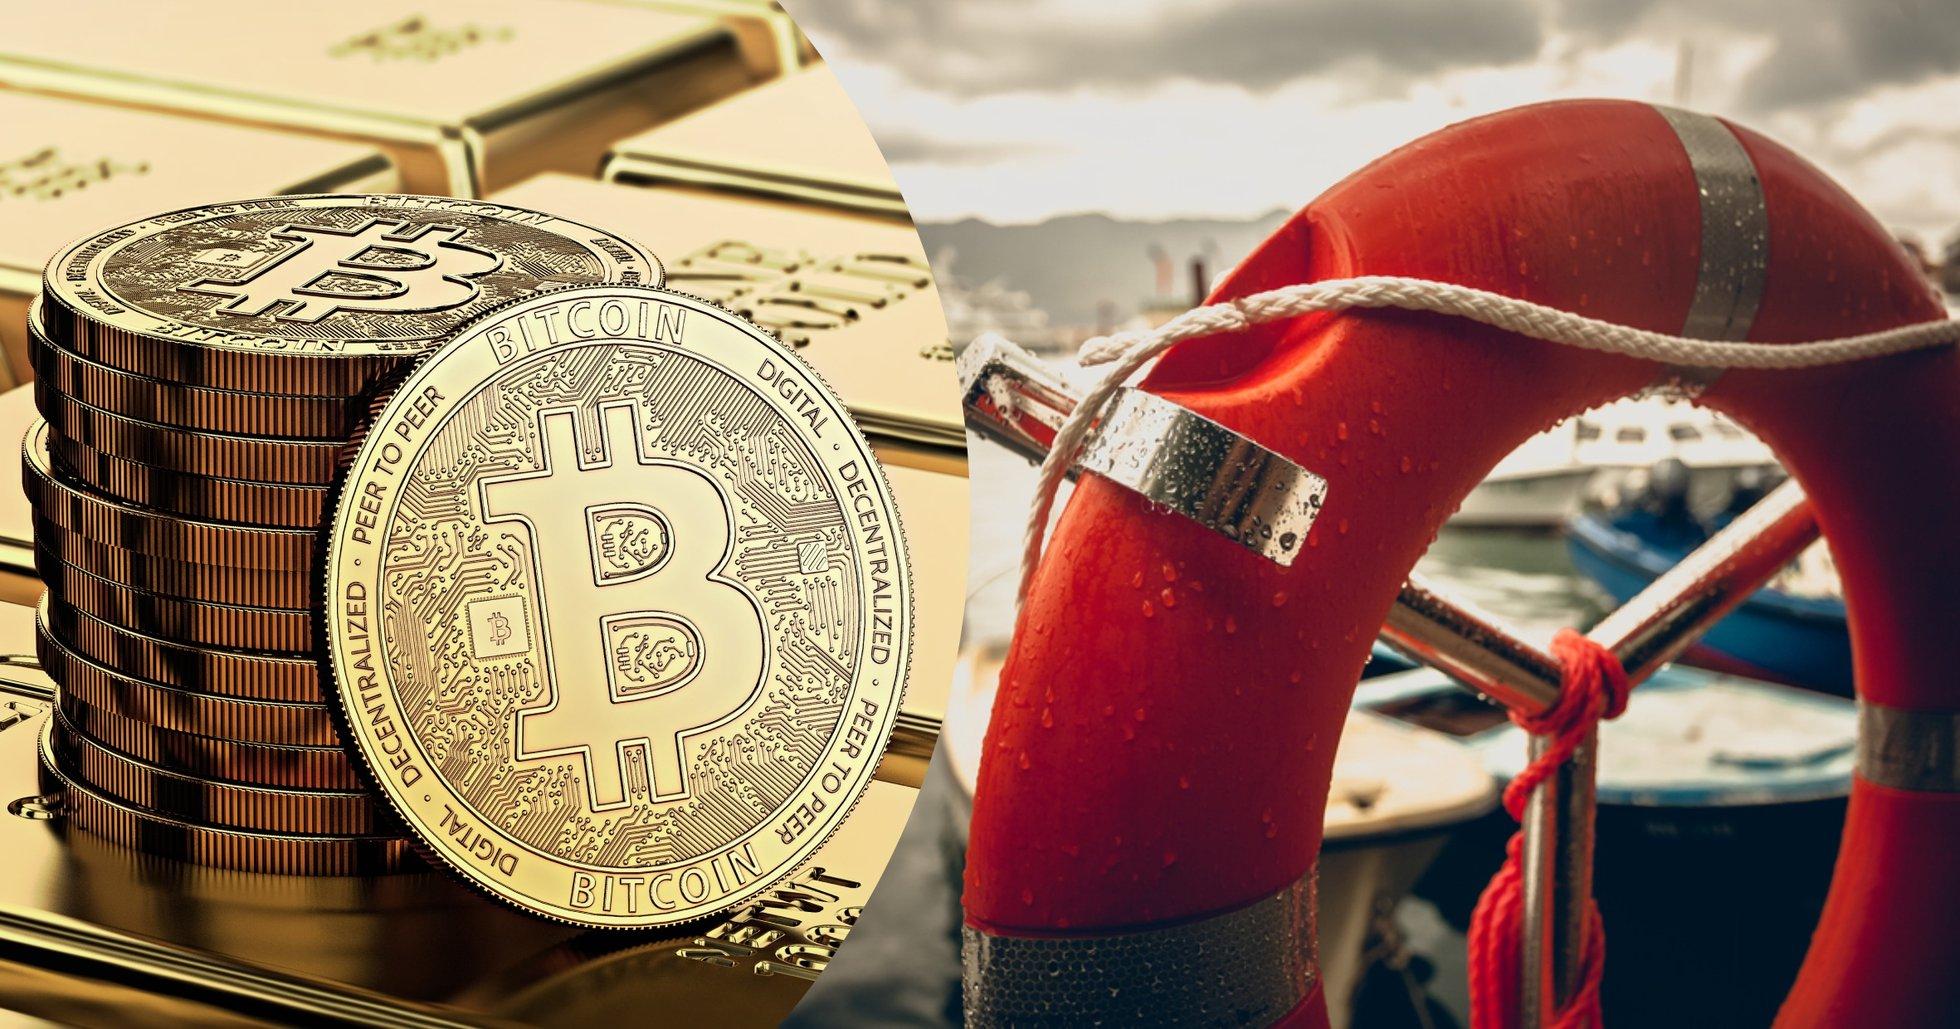 Svensk analytiker: Så kan bitcoin ta över guldets roll som säker hamn i svåra tider